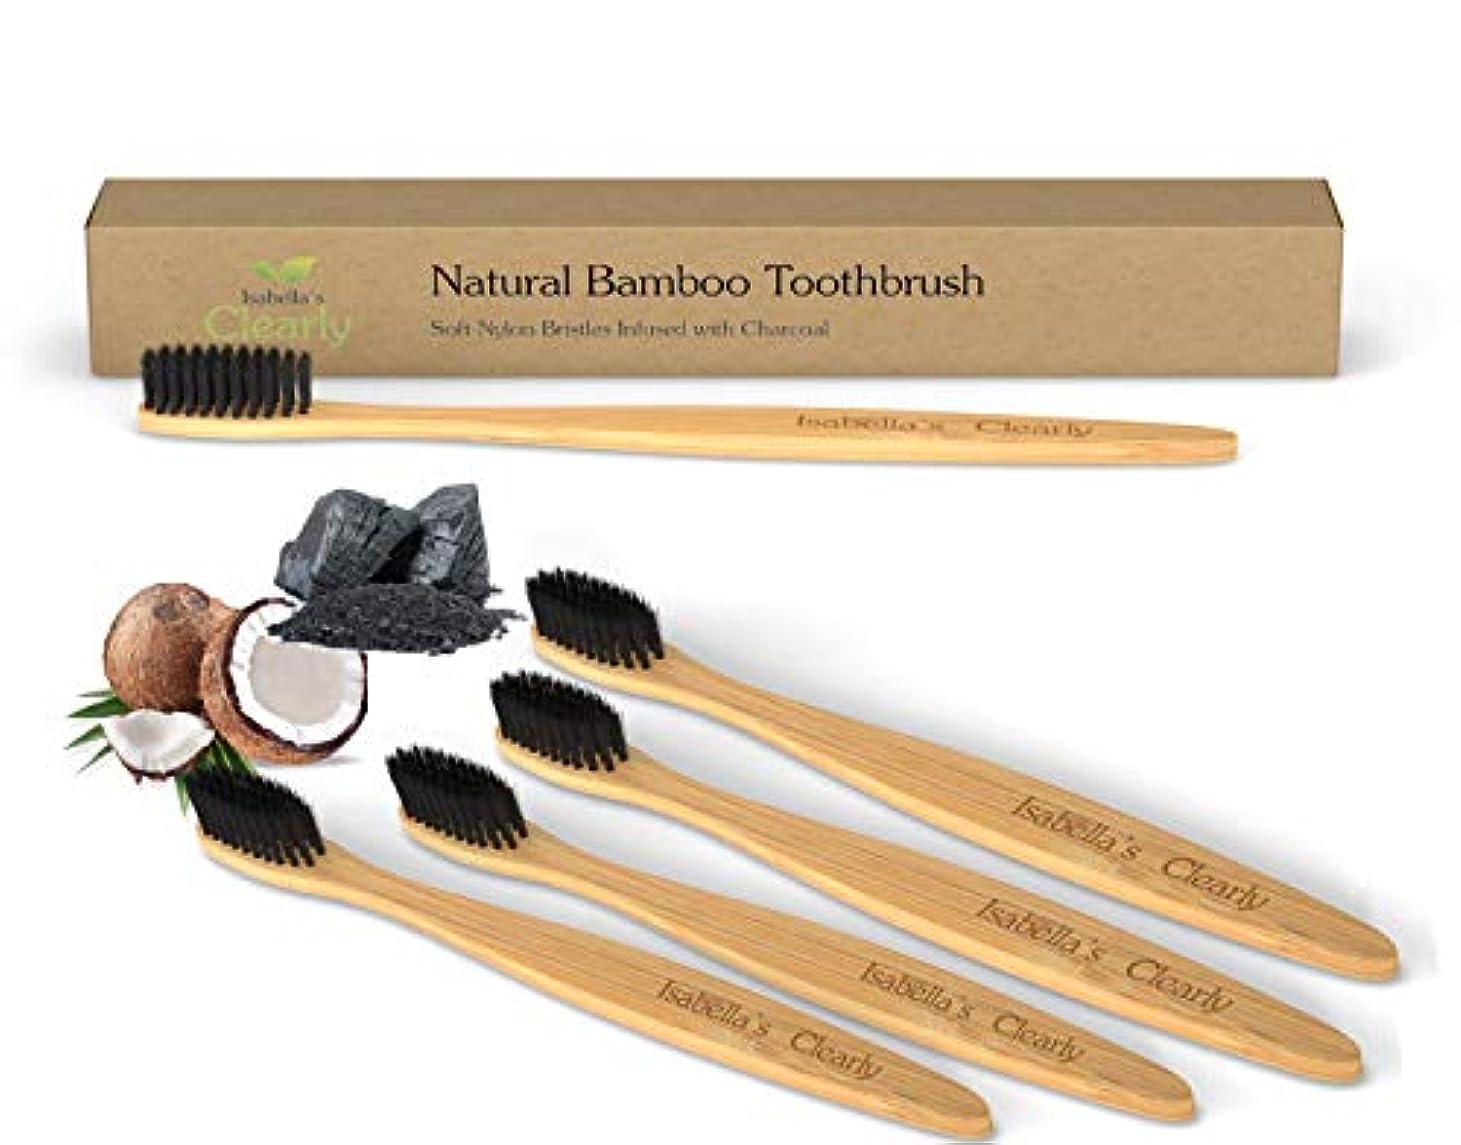 飢饉公演約Isabella's Clearly 竹の歯ブラシ、優しく柔らかな木炭注入されたナイロン製のBPAフリーの毛、天然有機材料 4